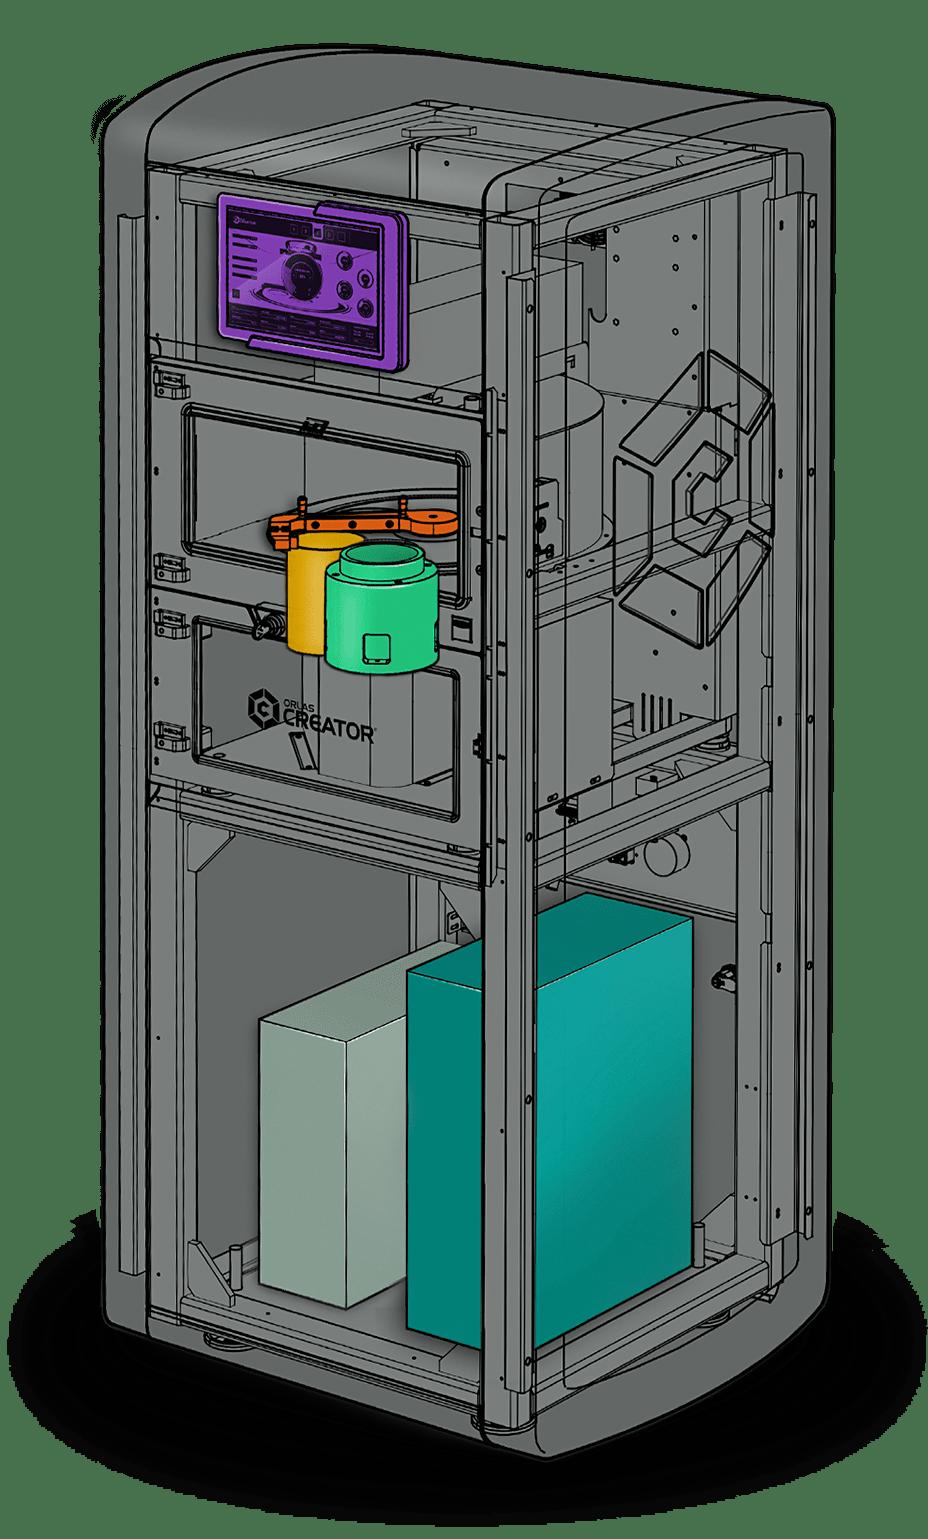 máy in kim loại Coherent Creator